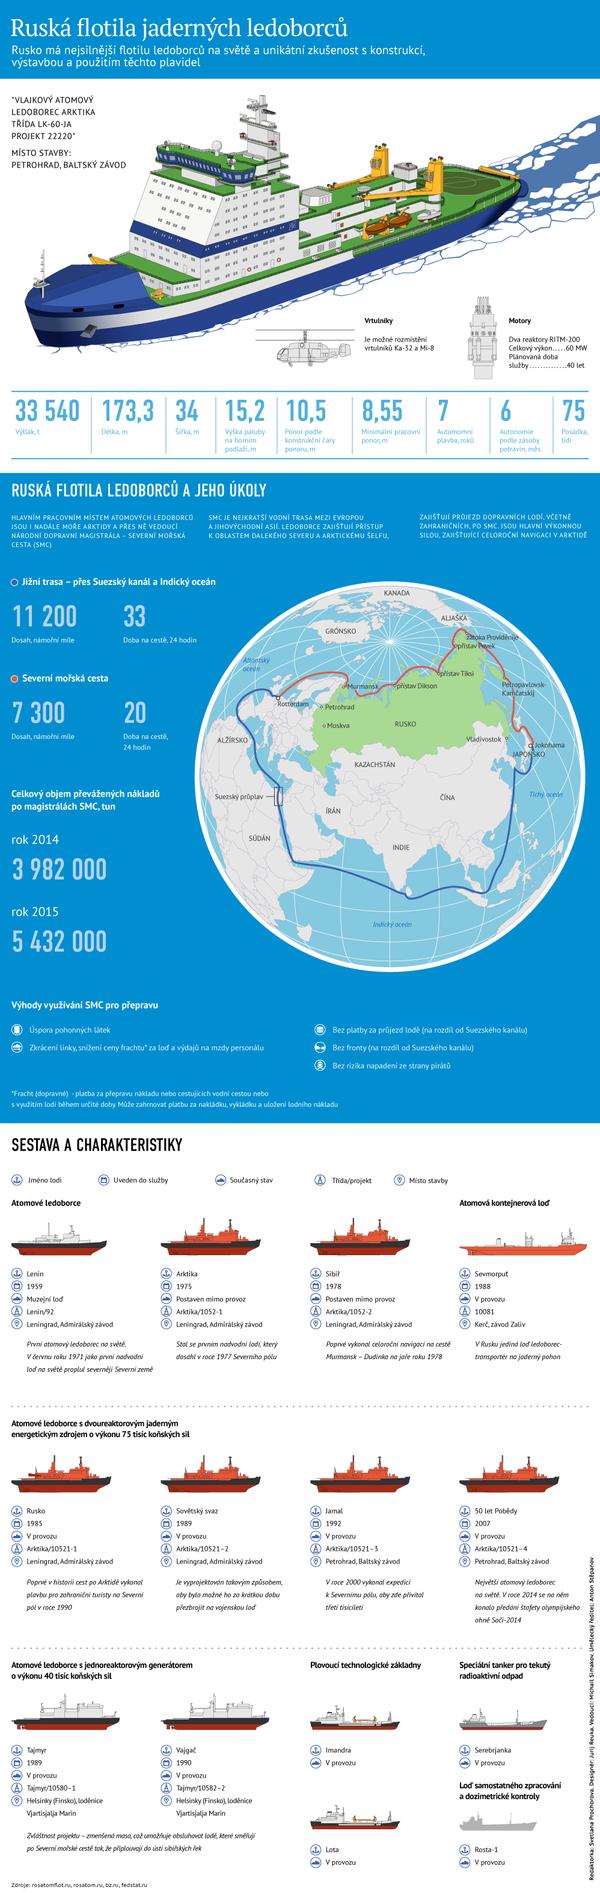 Charakteristiky a úkoly ledoborce Arktika - Sputnik Česká republika